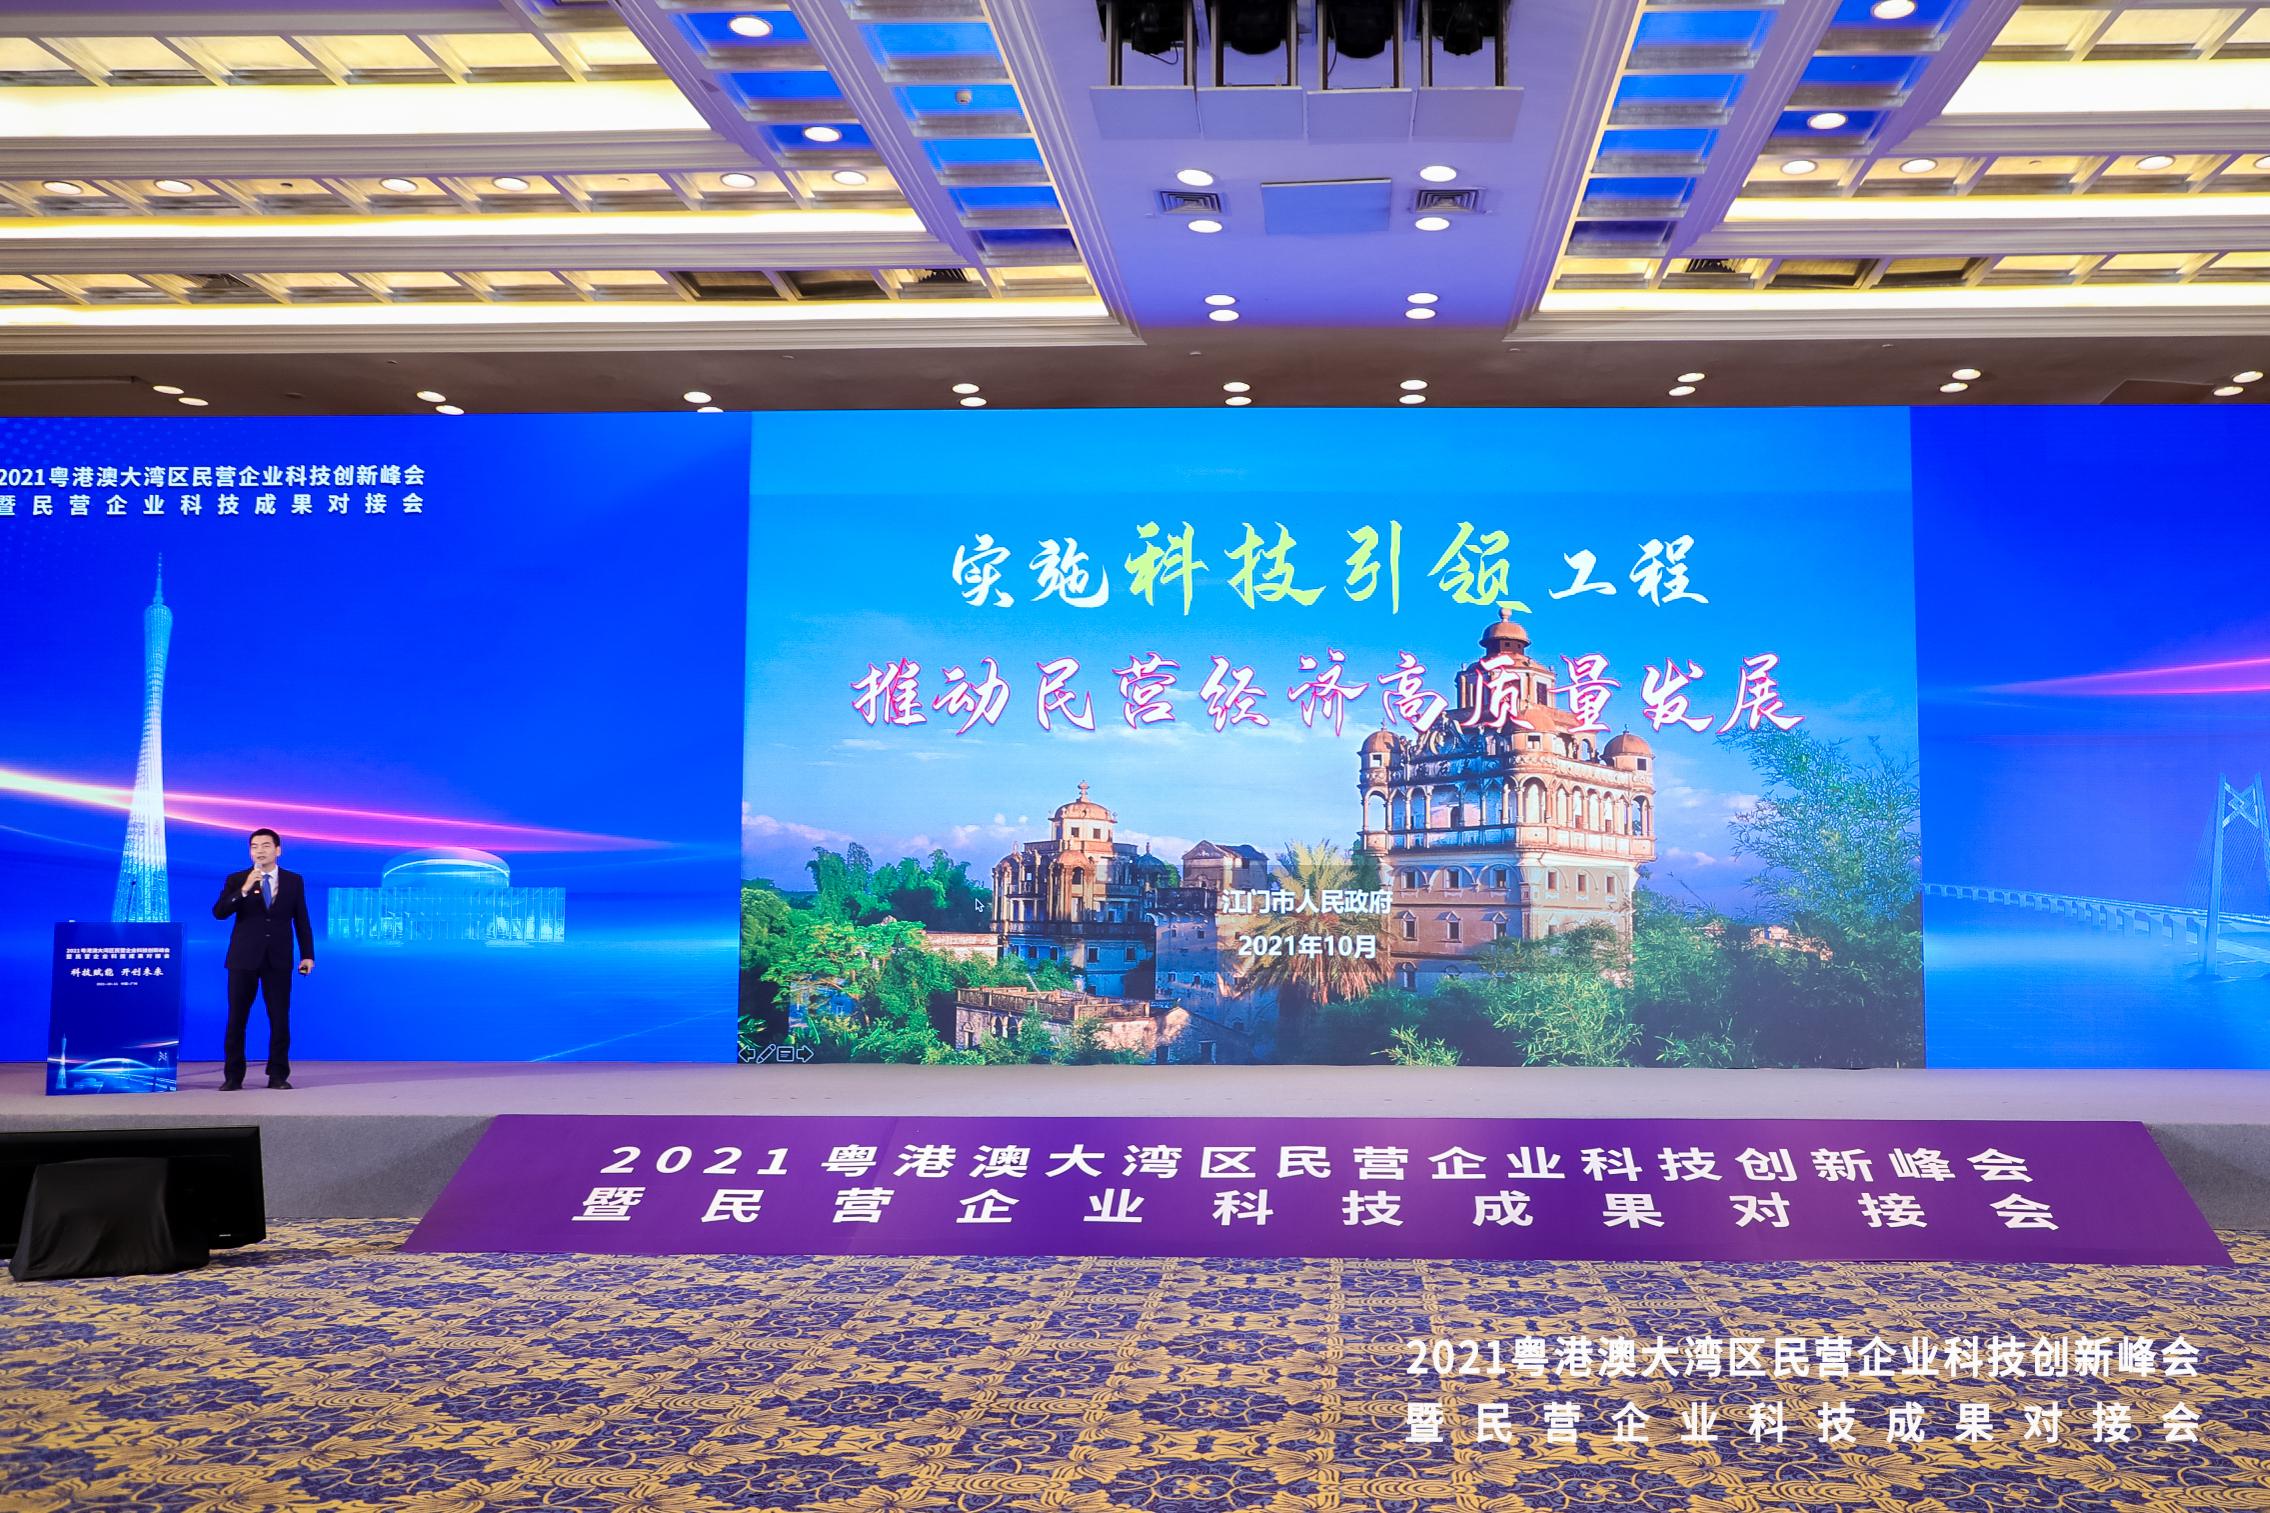 江门民营企业超8万家,去年民间投资超过1200亿